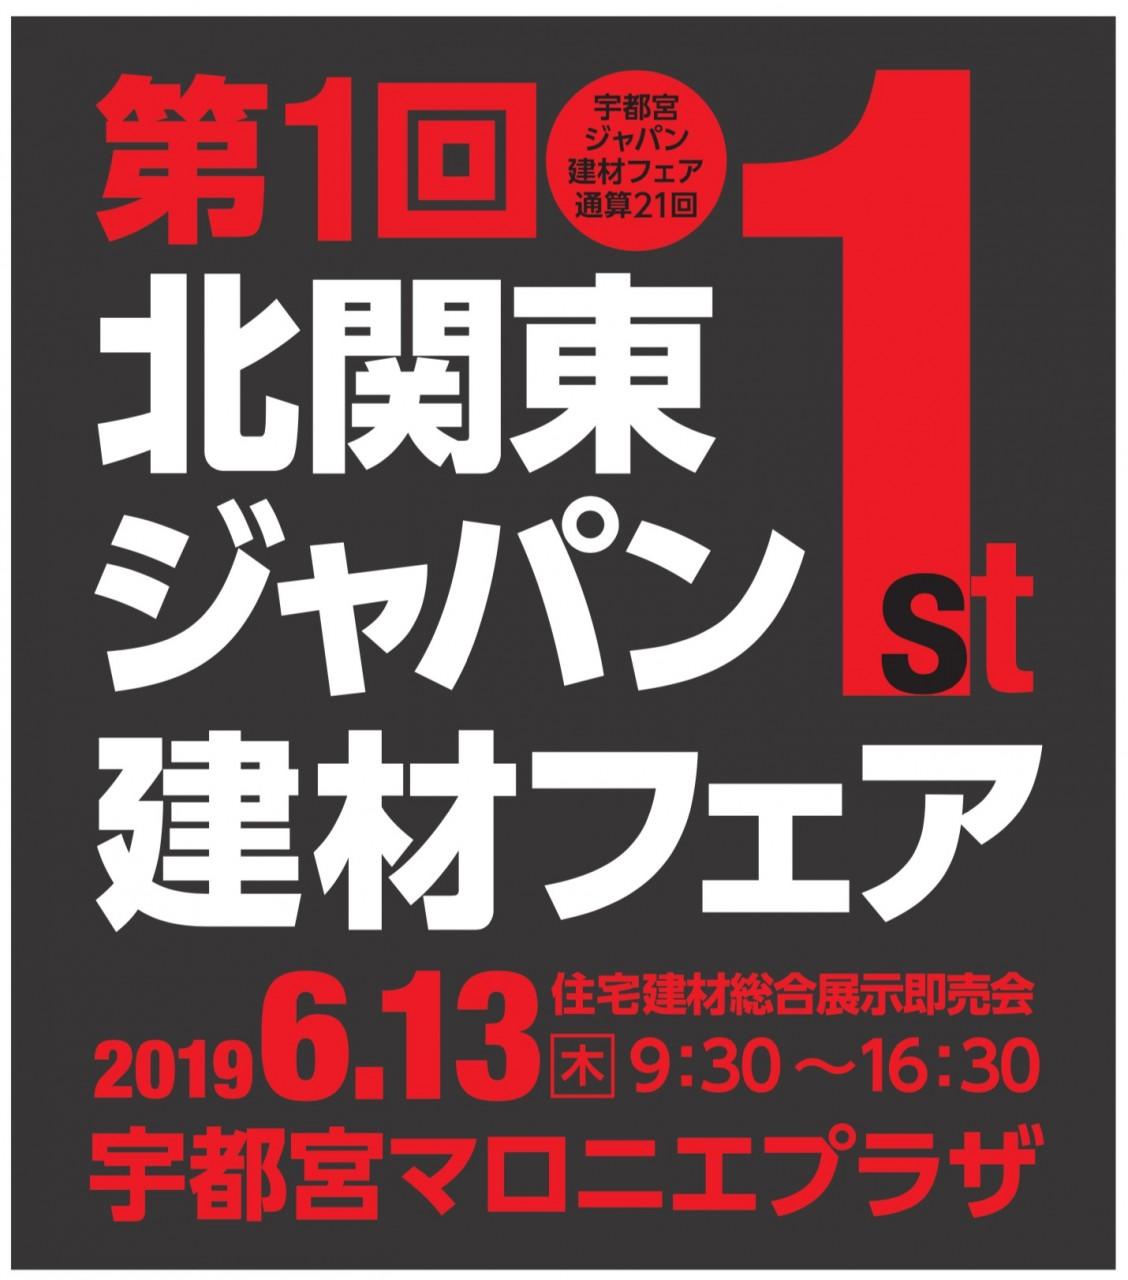 北関東ジャパン建材フェアで登壇します。